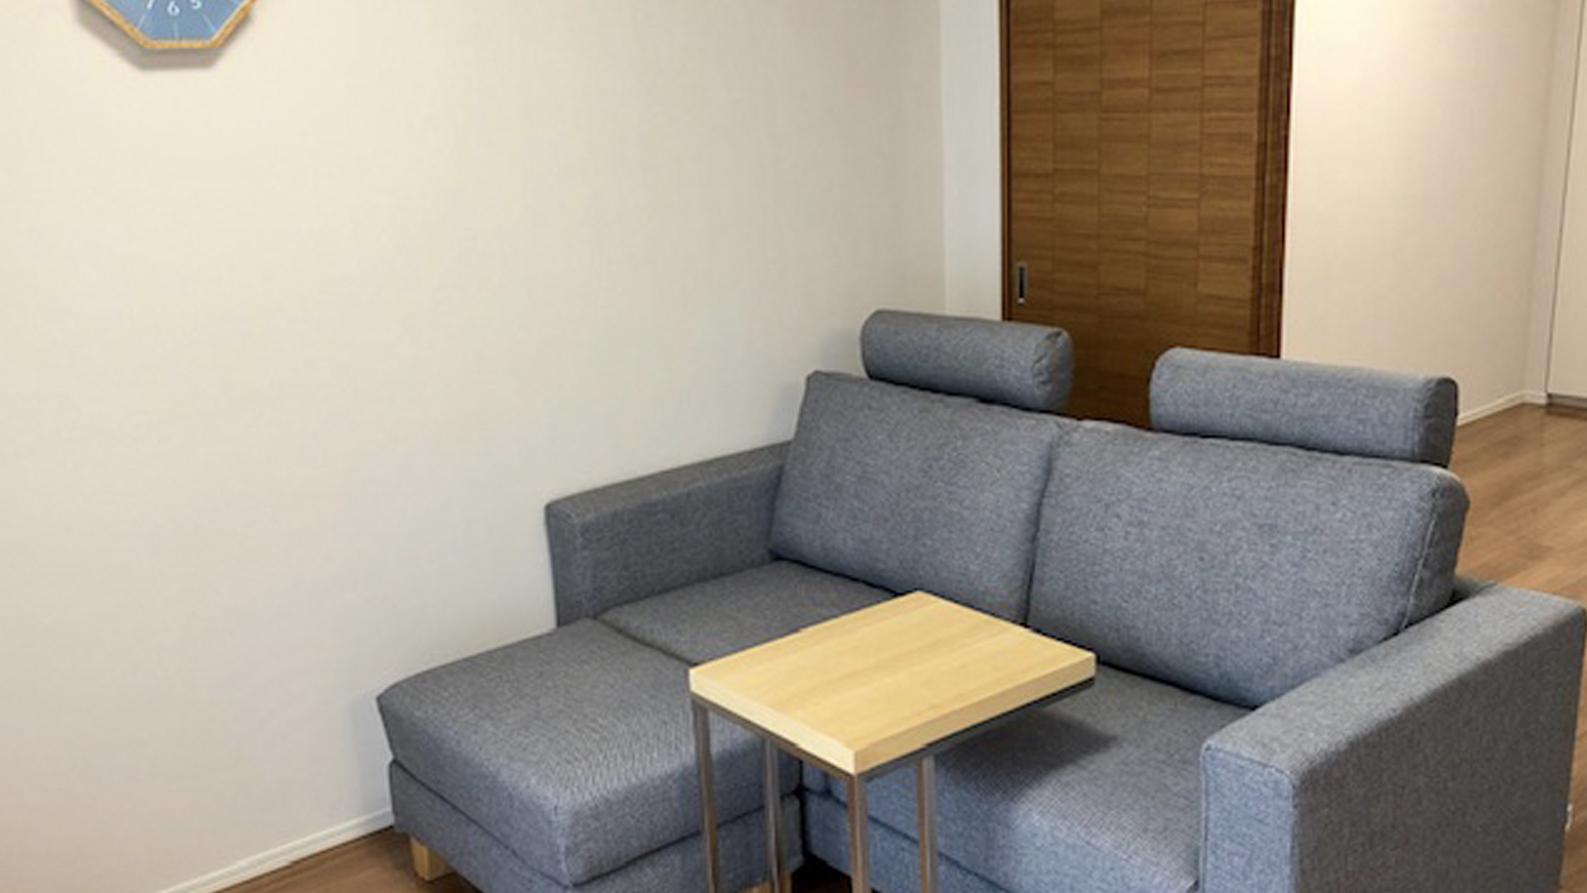 コンパクトなグレーのソファのLDK